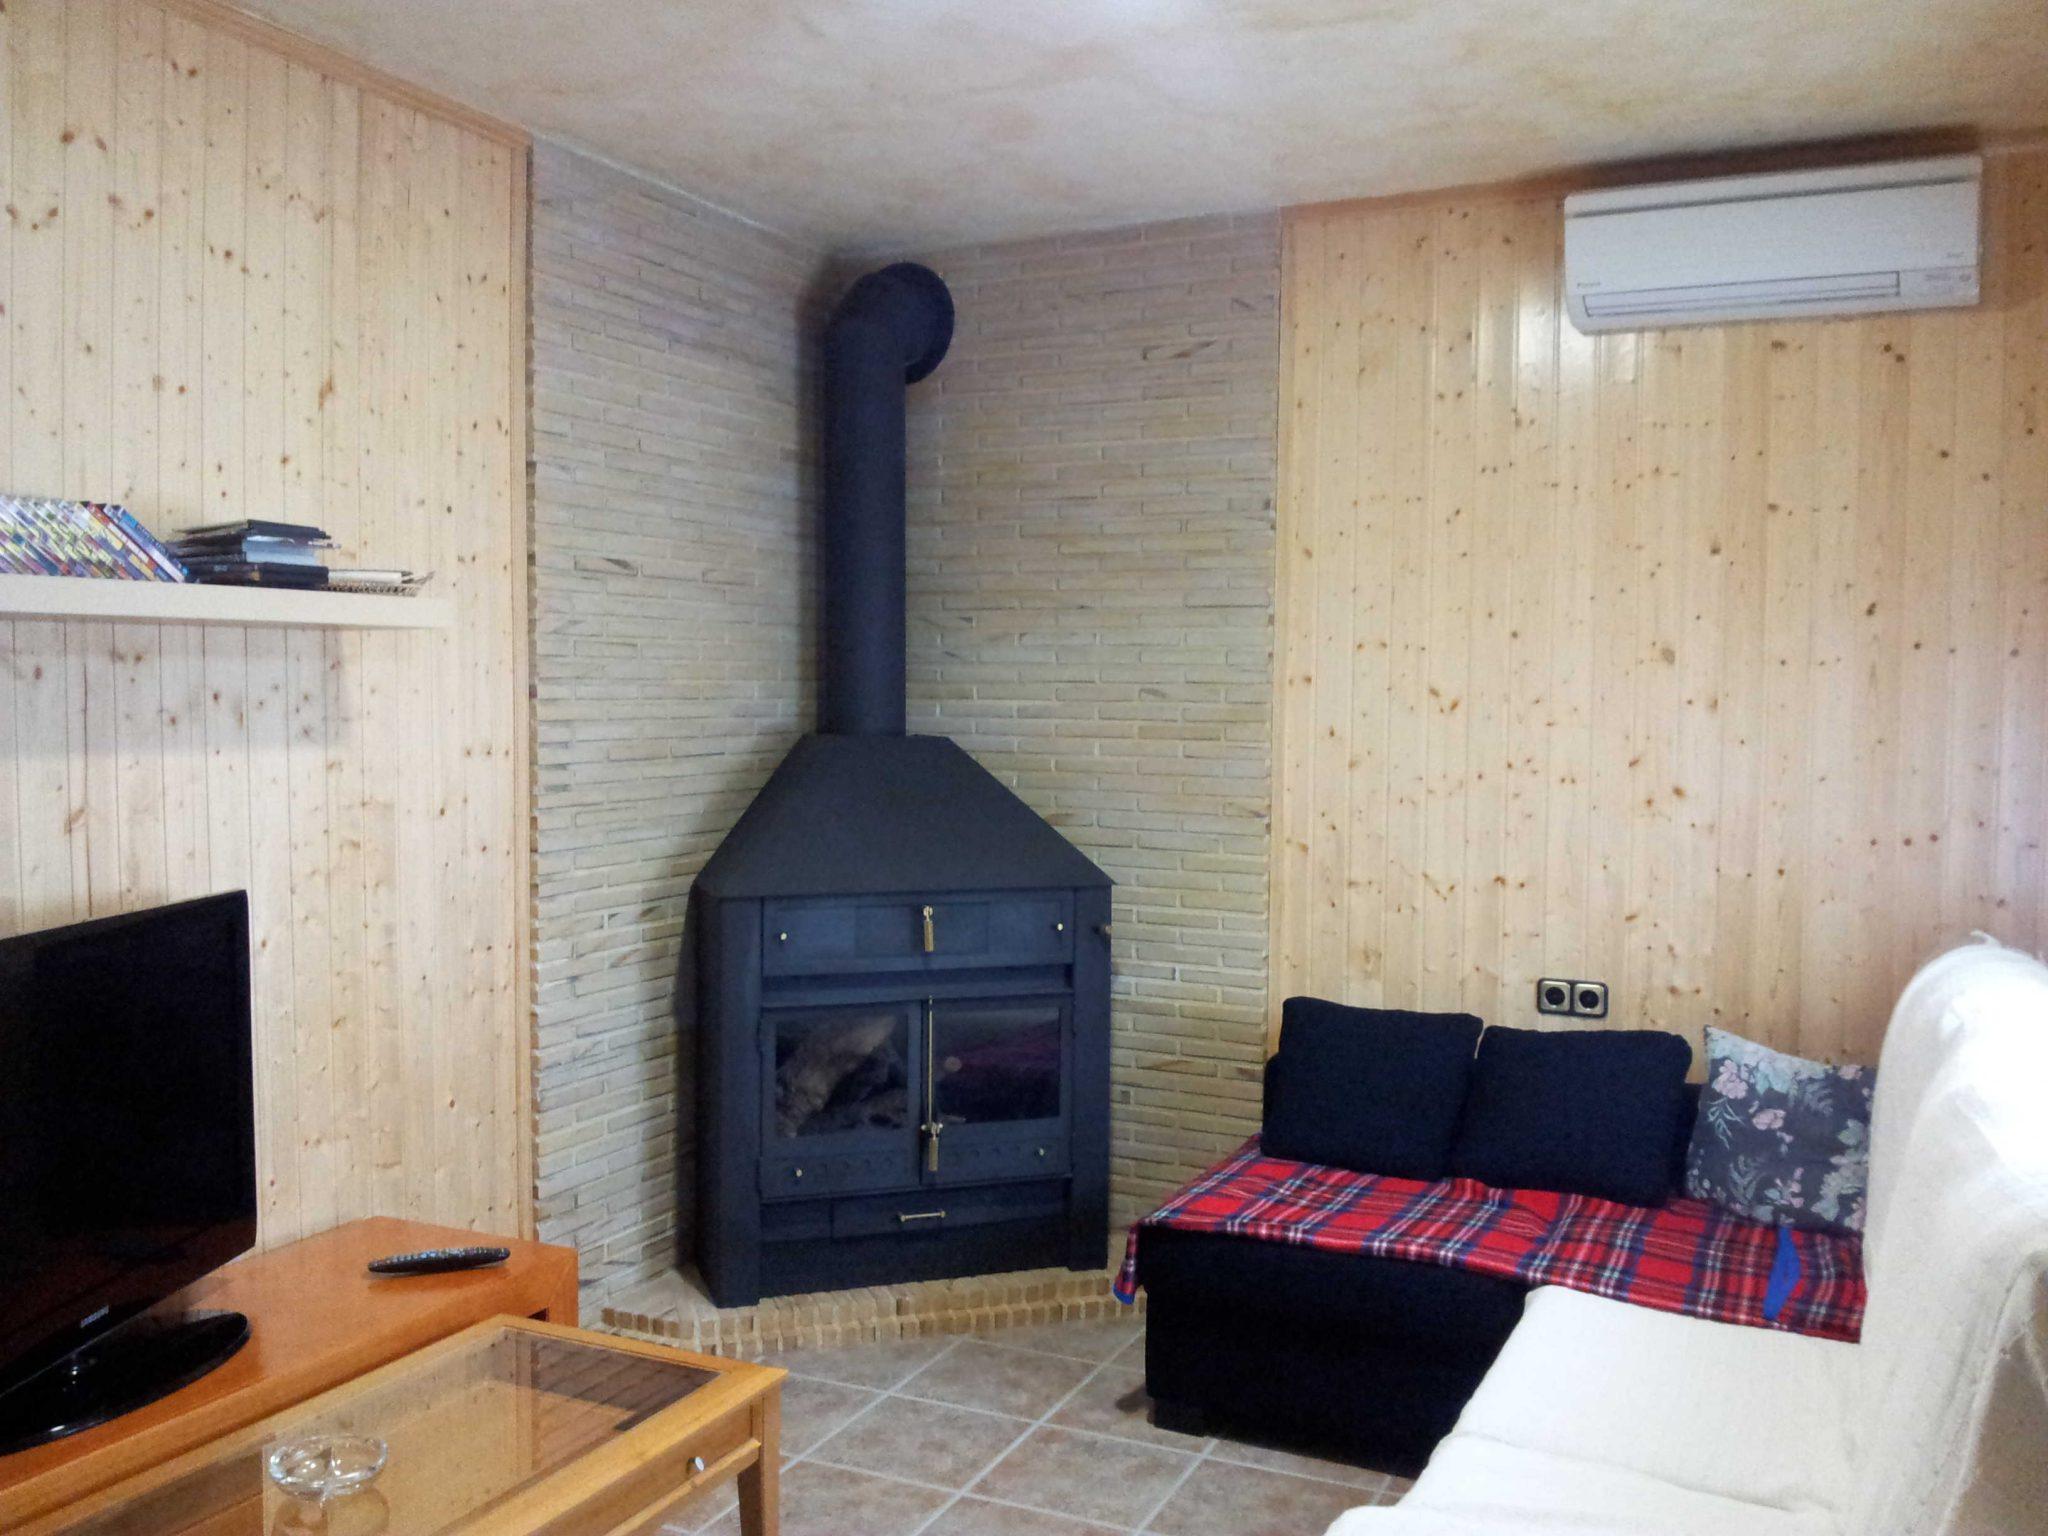 Chimenea rincon media campana tubo pintado chimeneas for Chimeneas de obra sin humo